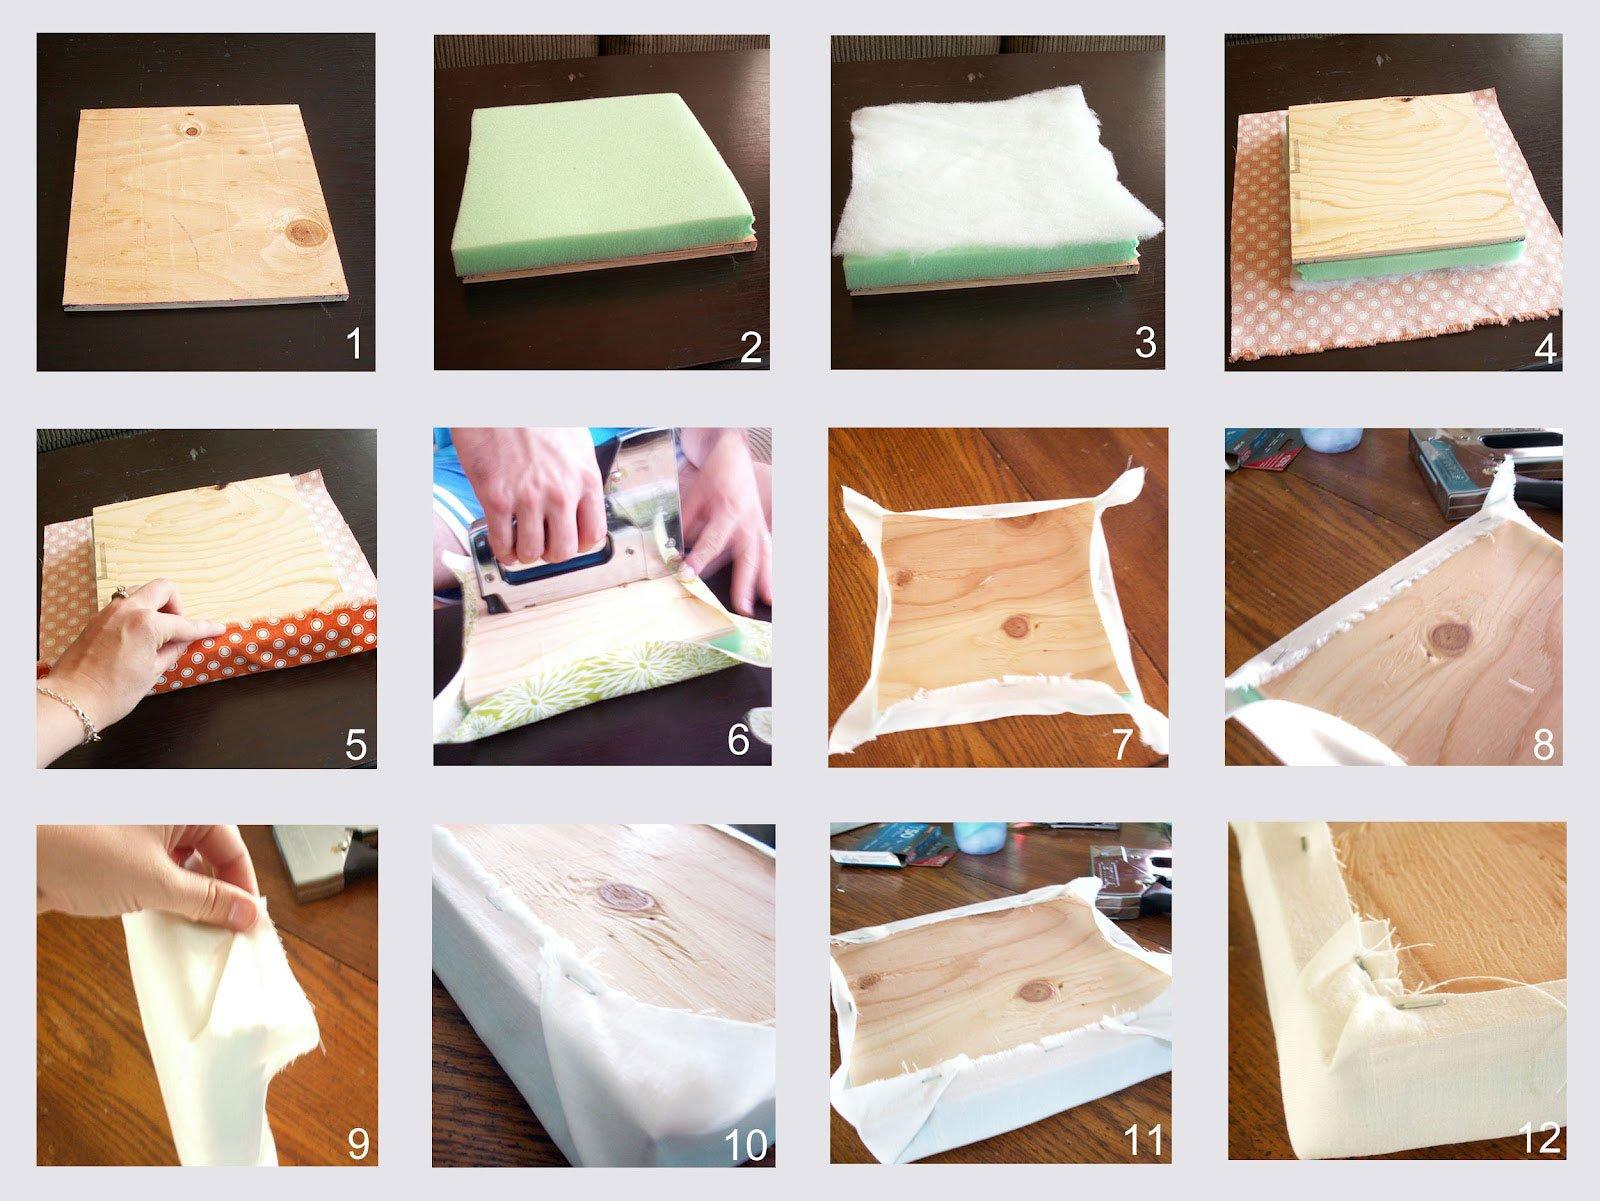 Пошаговая инструкция создания мягкой секции для наборного изголовья кровати.